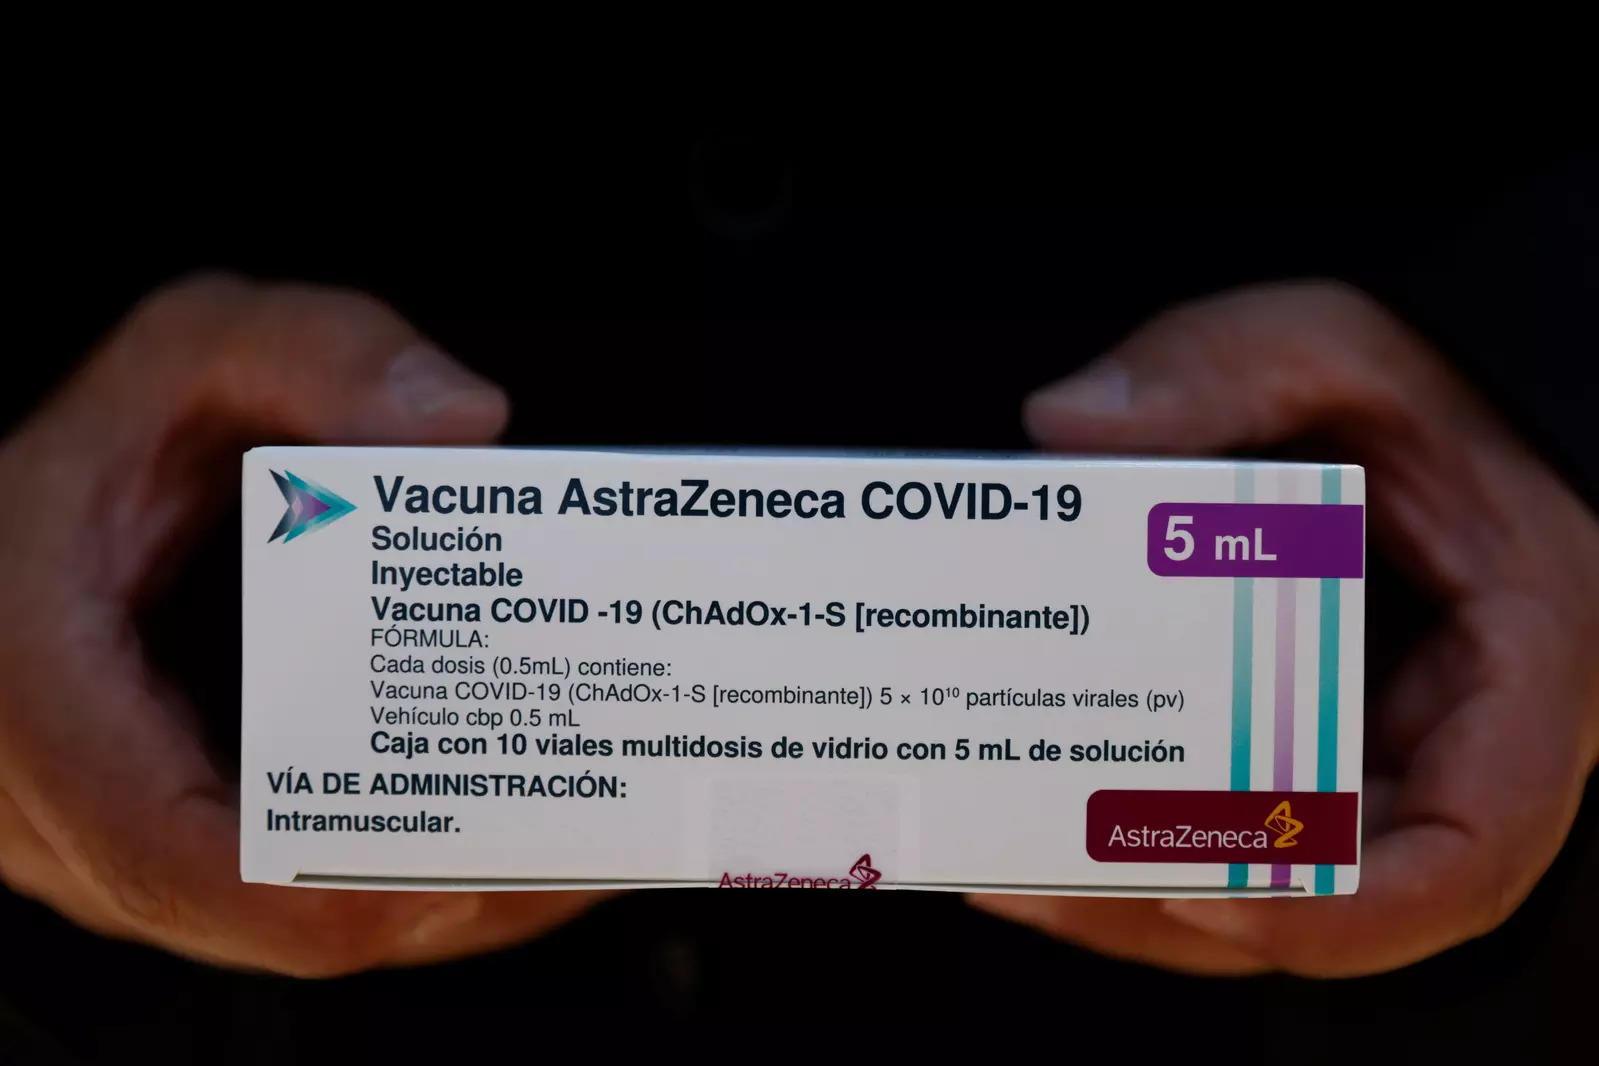 स्पेन 60 साल से कम उम्र के लोगों में दूसरी खुराक के लिए एस्ट्राजेनेका वैक्सीन का निलंबन हटाएगा – ईटी हेल्थवर्ल्ड